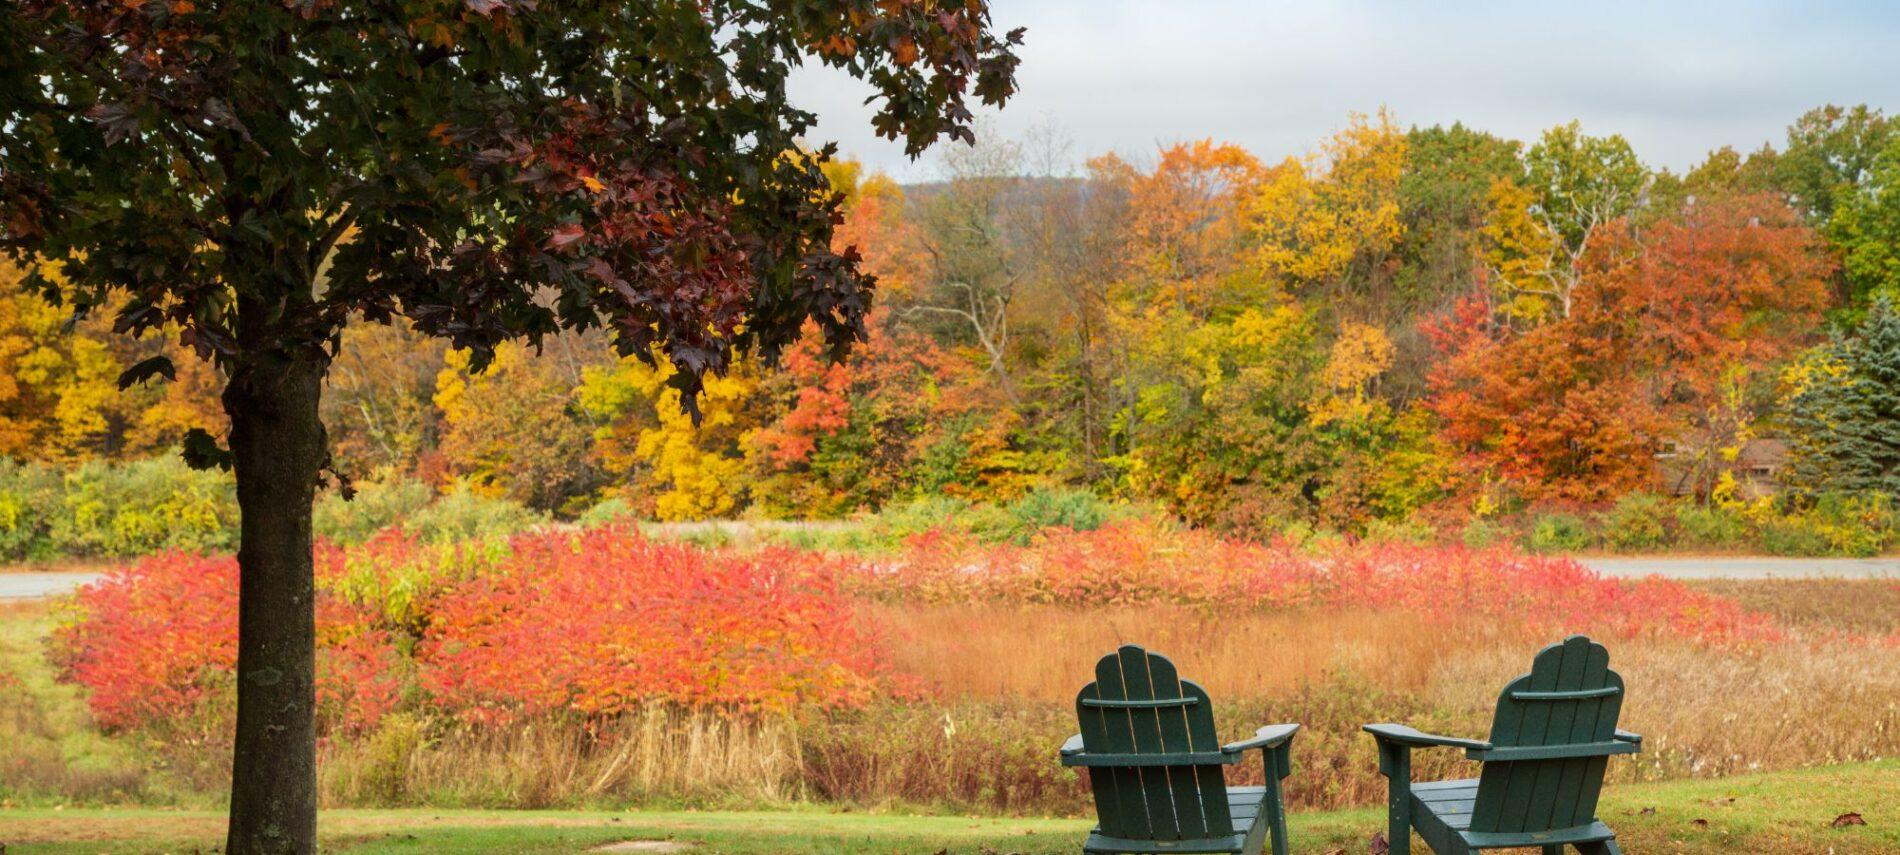 Chesterfield Inn fall foliage